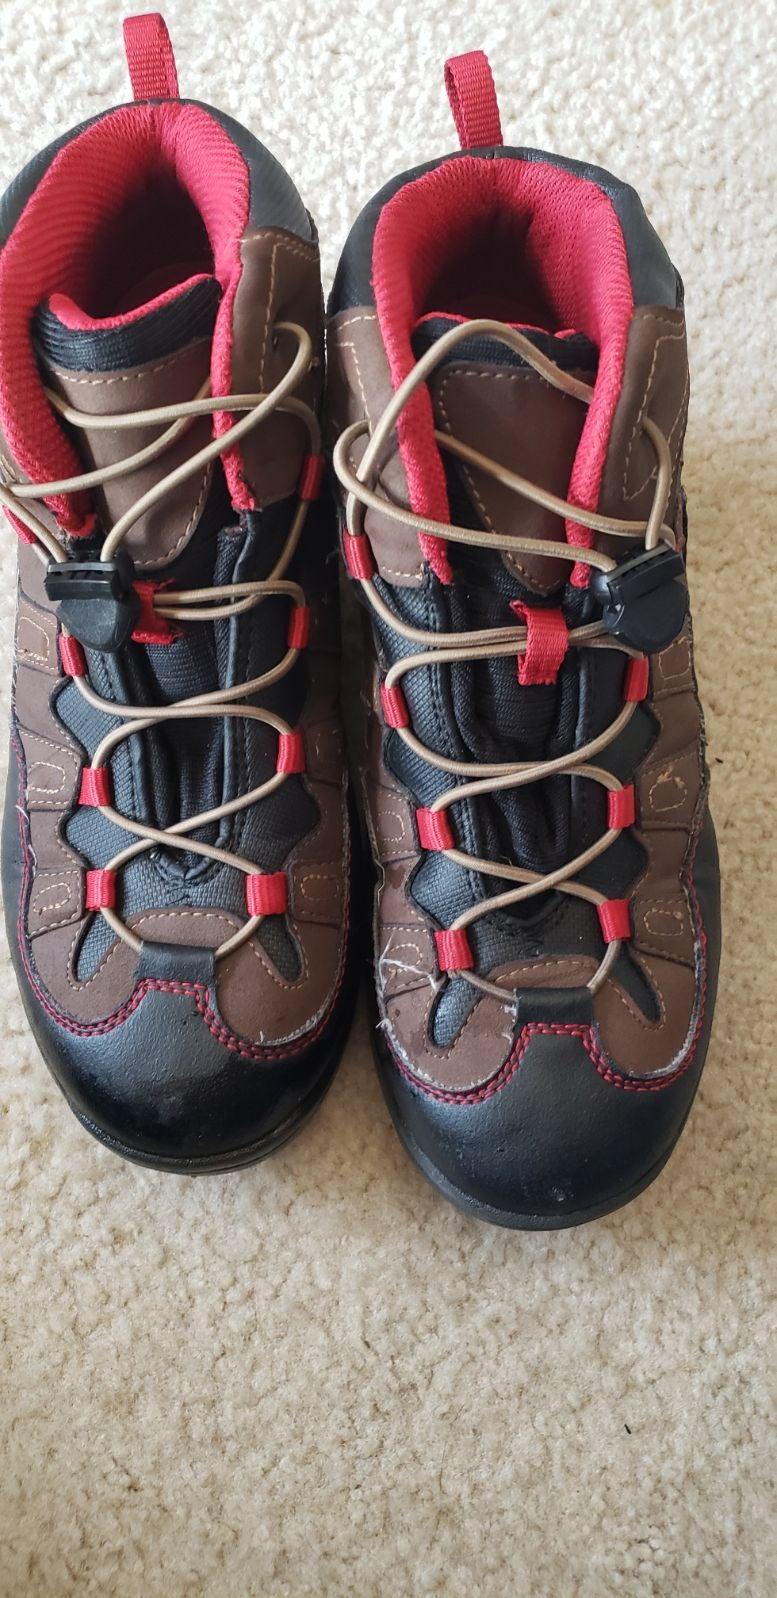 Sedona Hiking Boots - 7